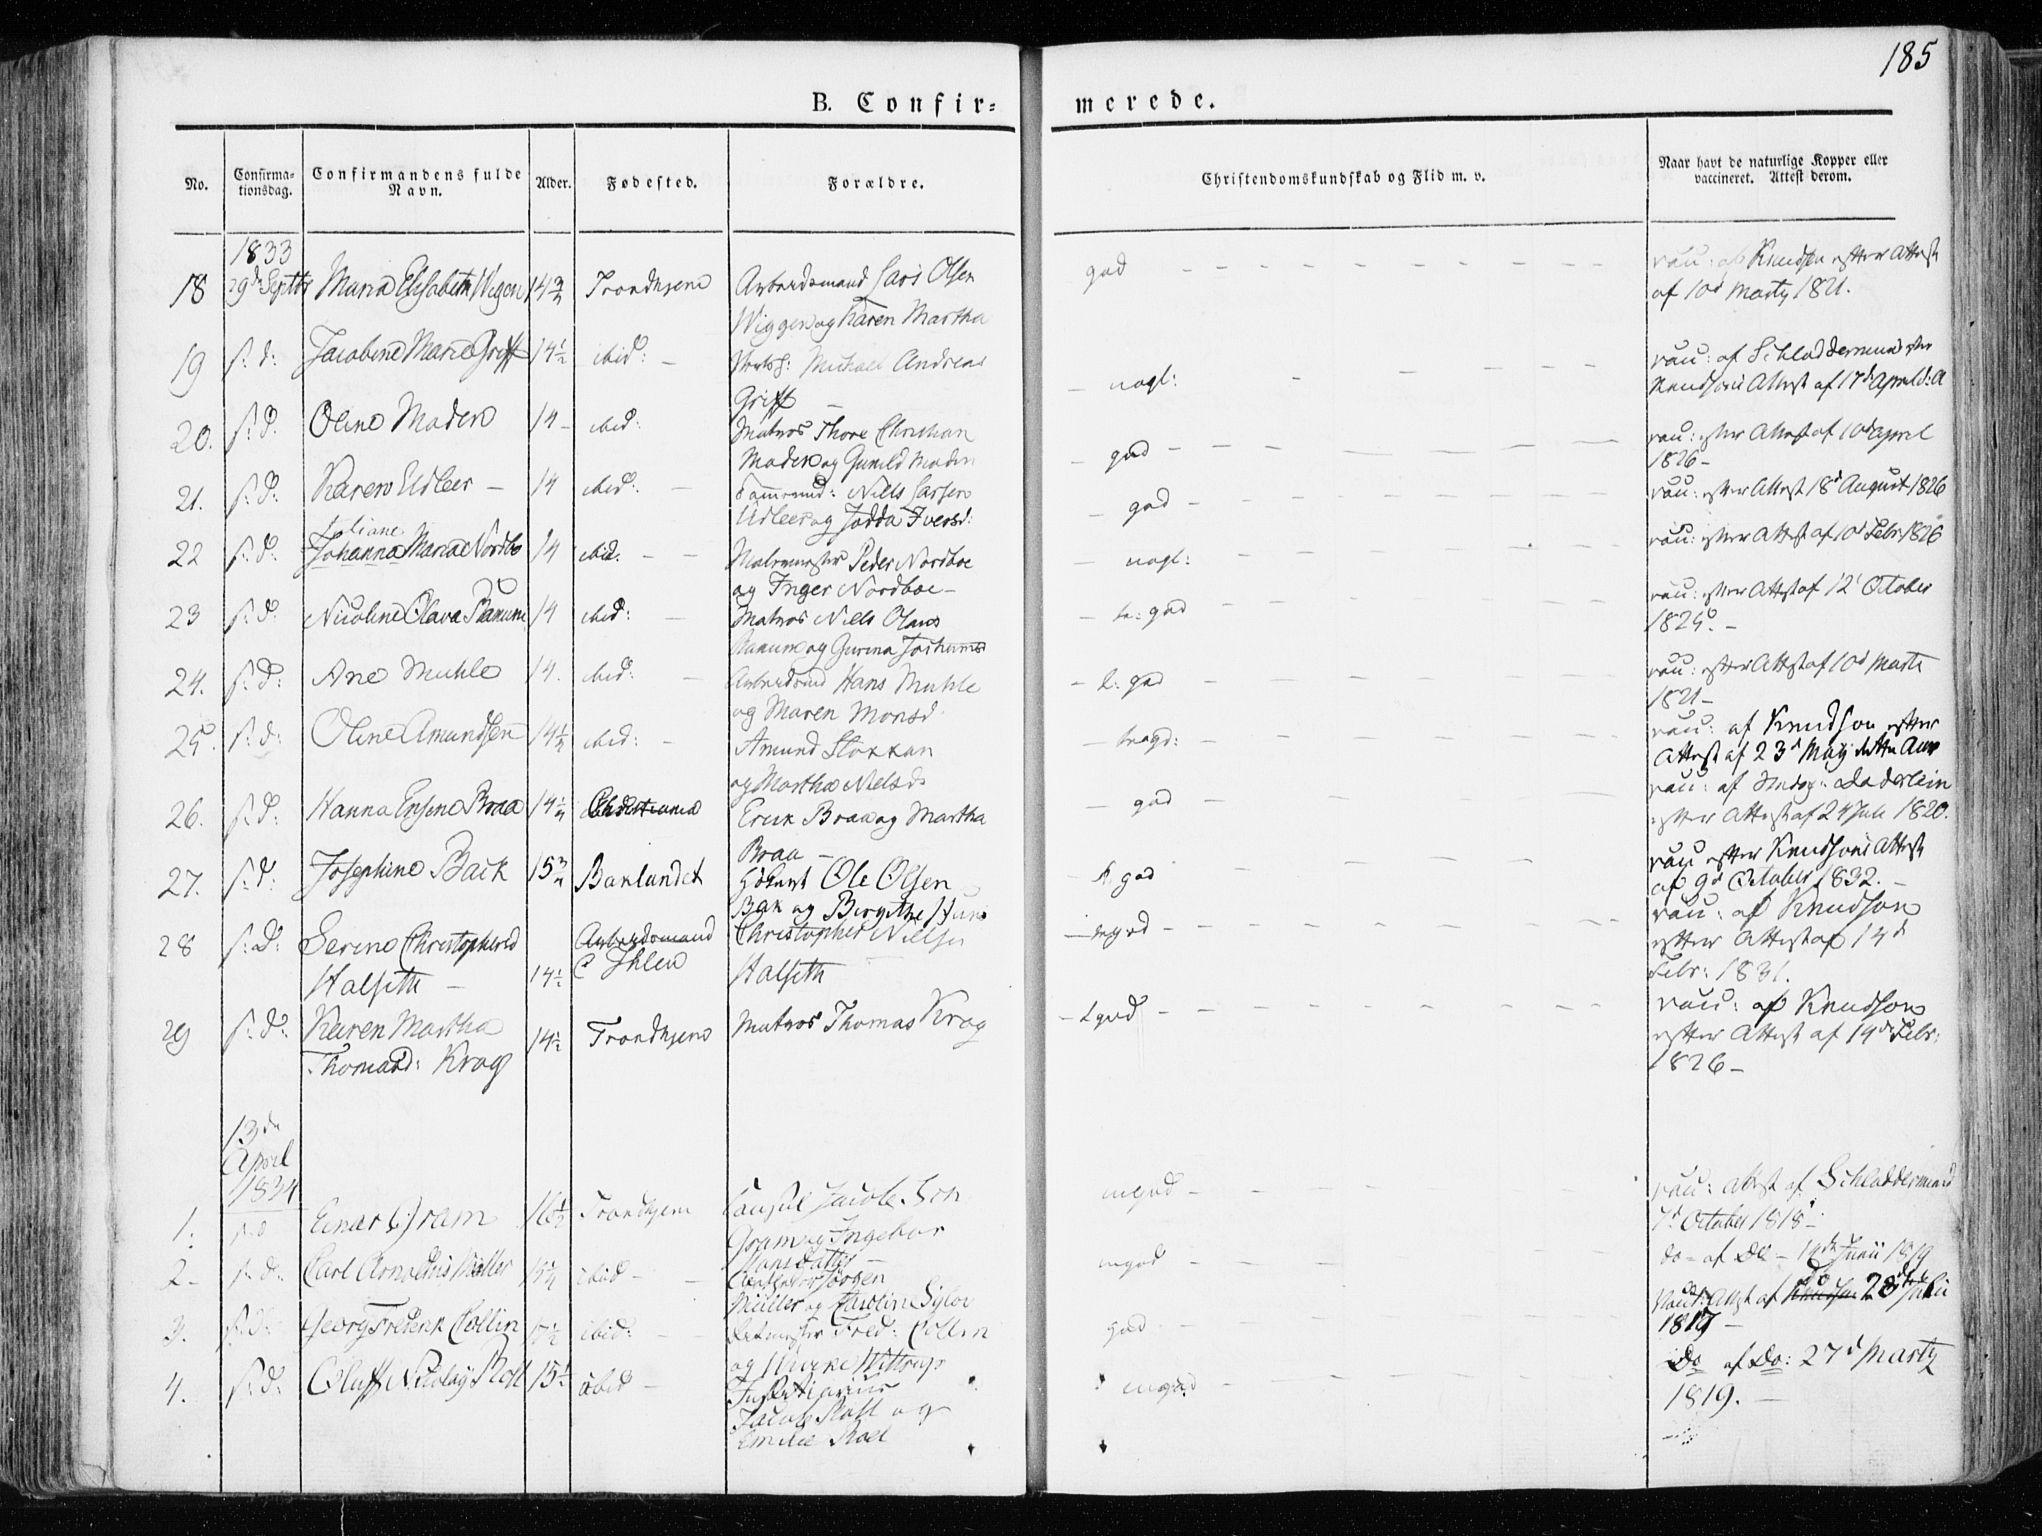 SAT, Ministerialprotokoller, klokkerbøker og fødselsregistre - Sør-Trøndelag, 601/L0047: Ministerialbok nr. 601A15, 1831-1839, s. 185